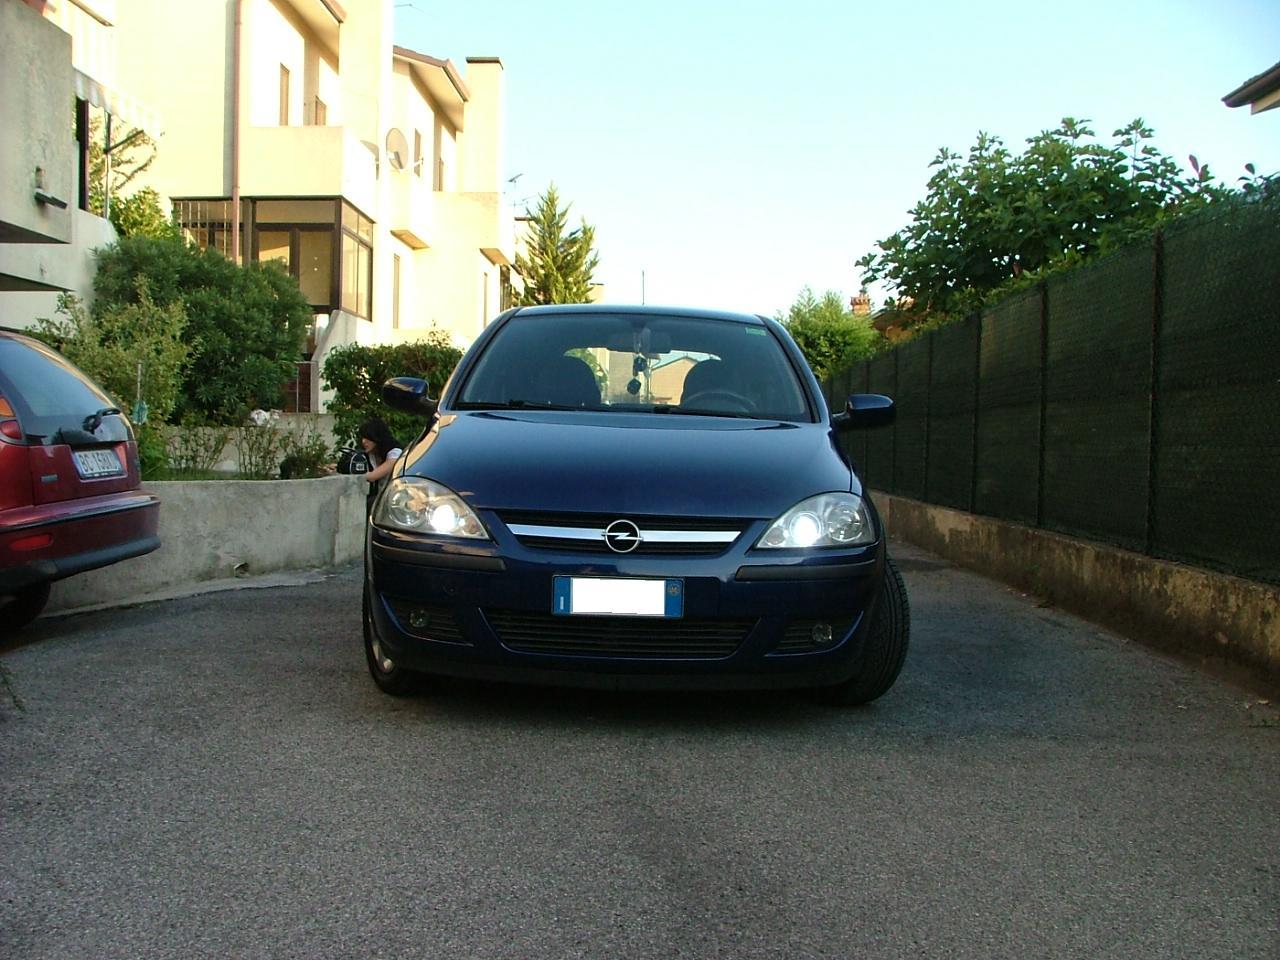 Corsa club italia leggi argomento billo eddy 39 s car - Vetri oscurati casa ...